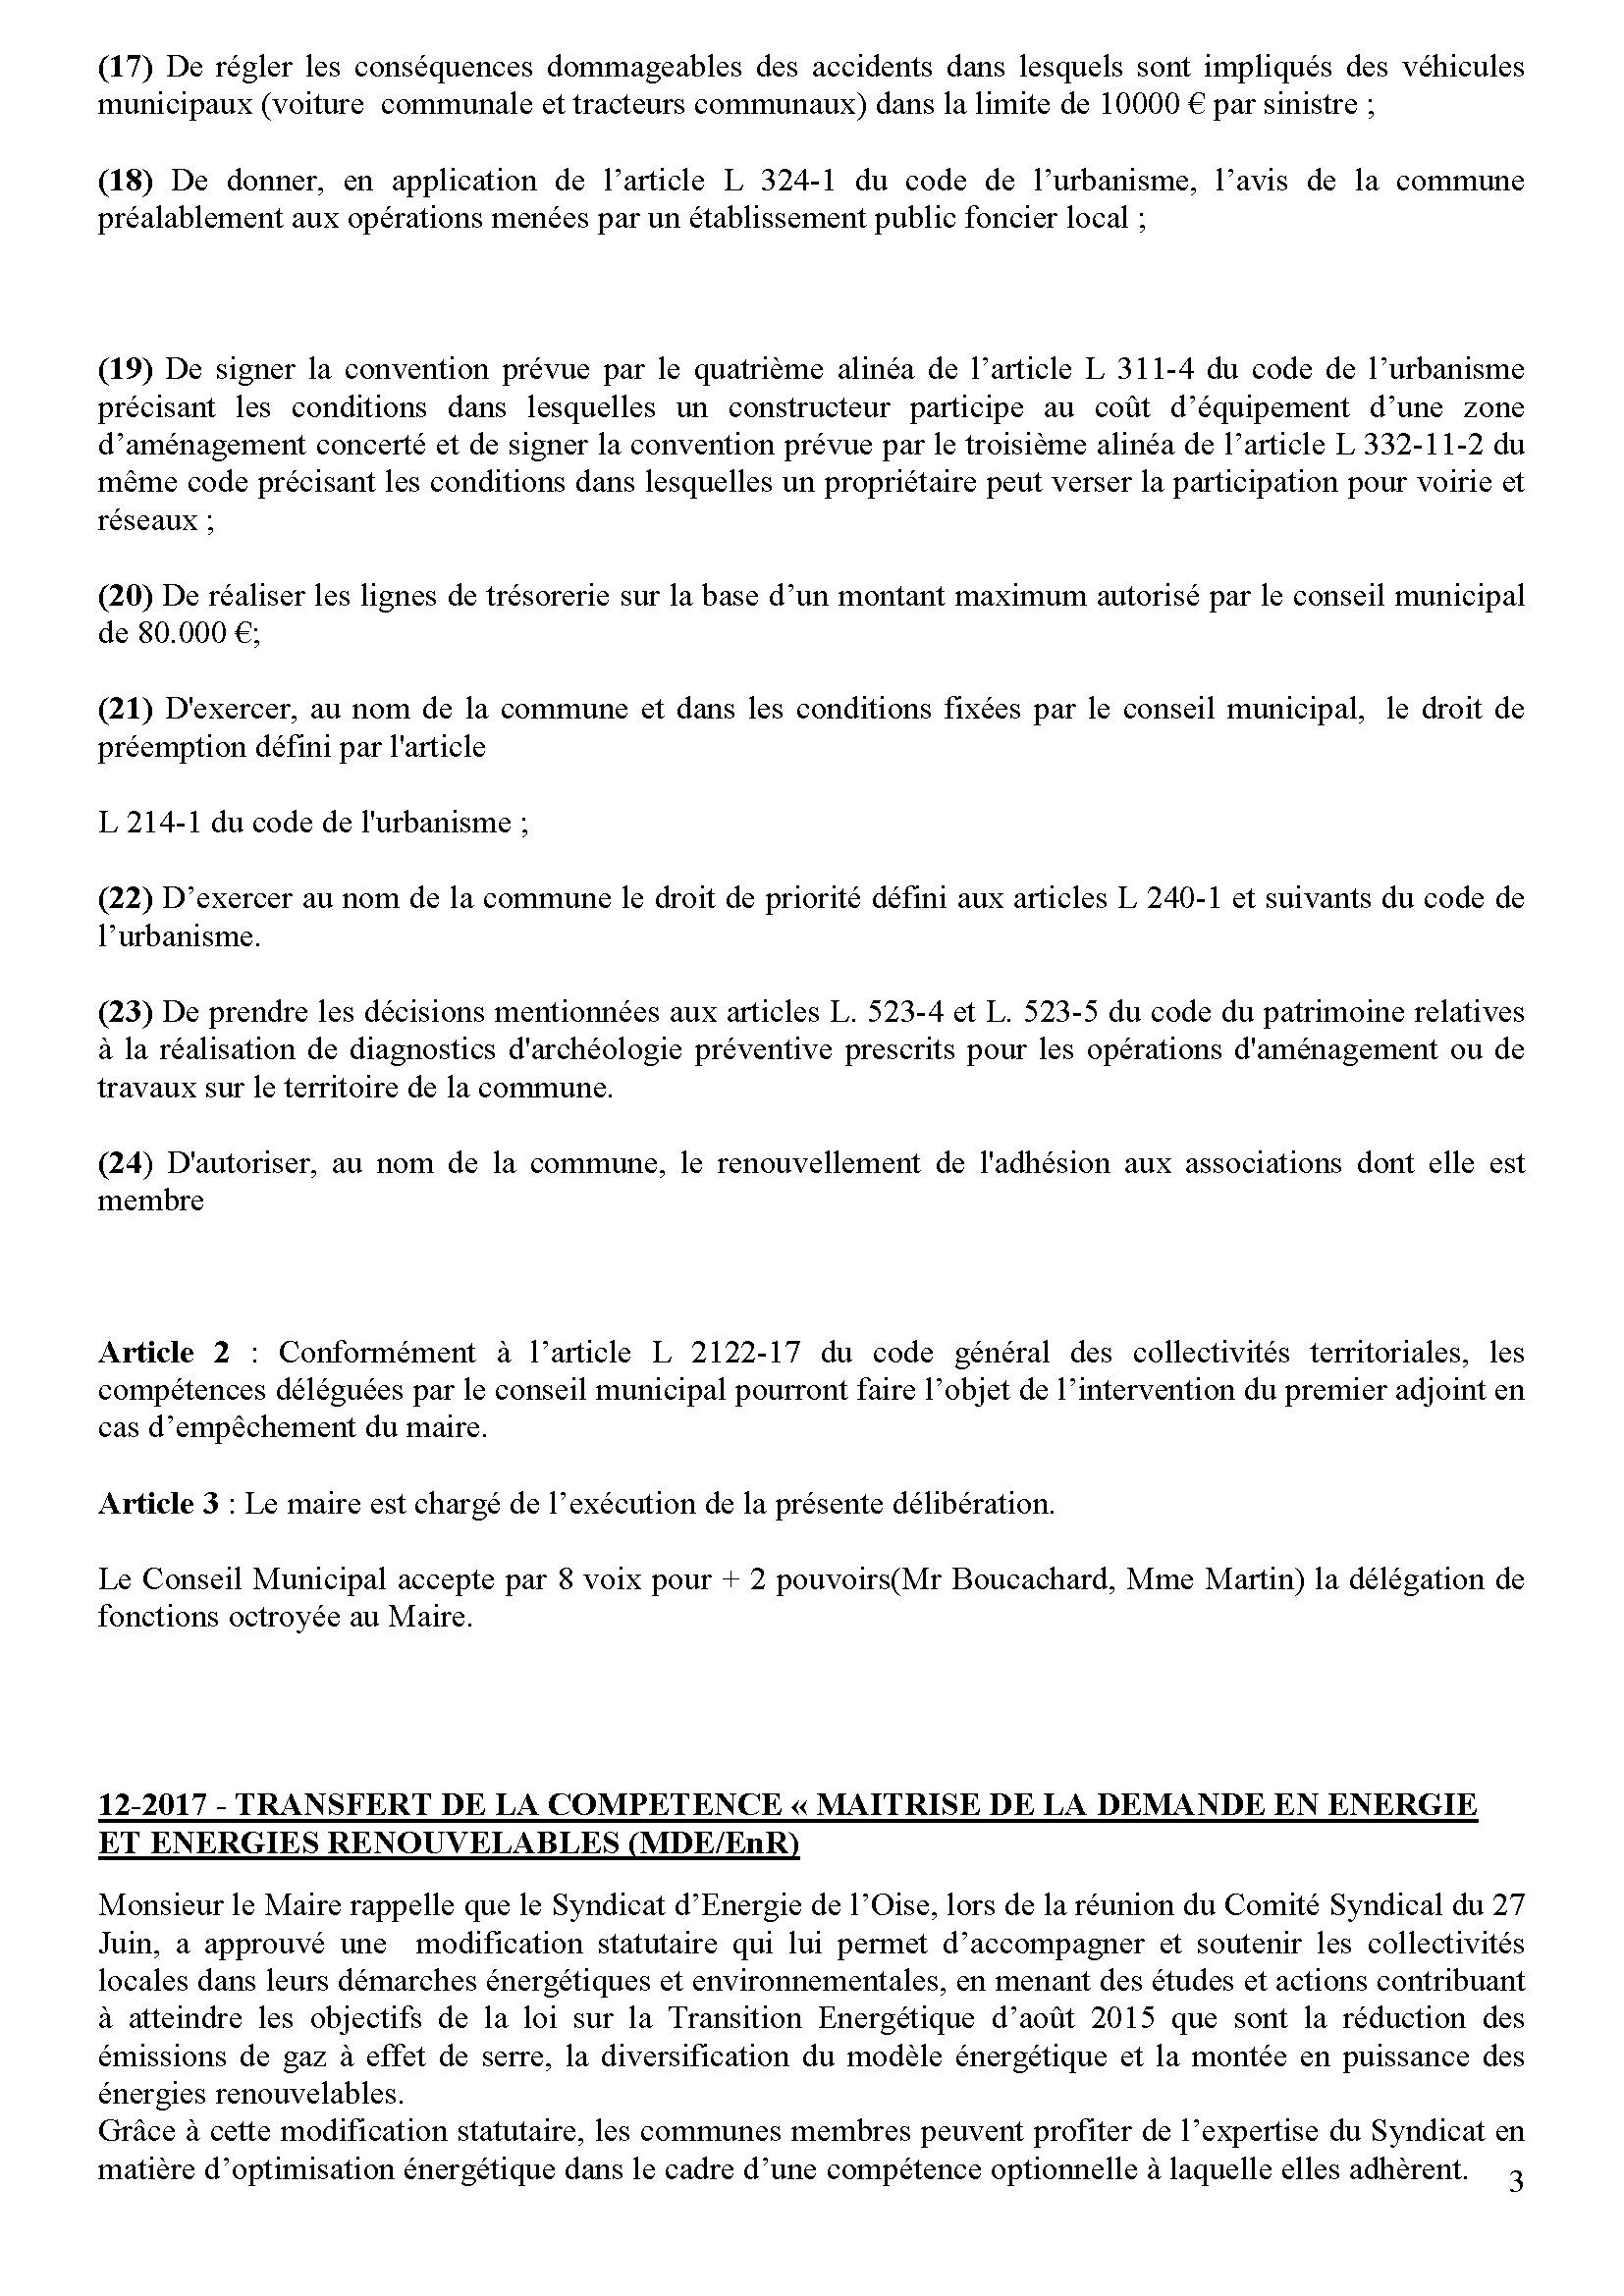 cr-du-19052017-page-3